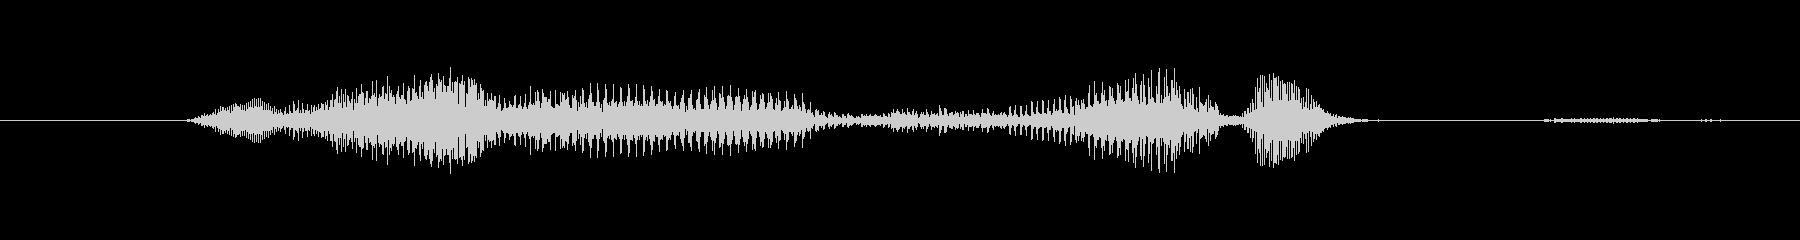 鳴き声 男性の悲鳴の深い痛みロング03の未再生の波形